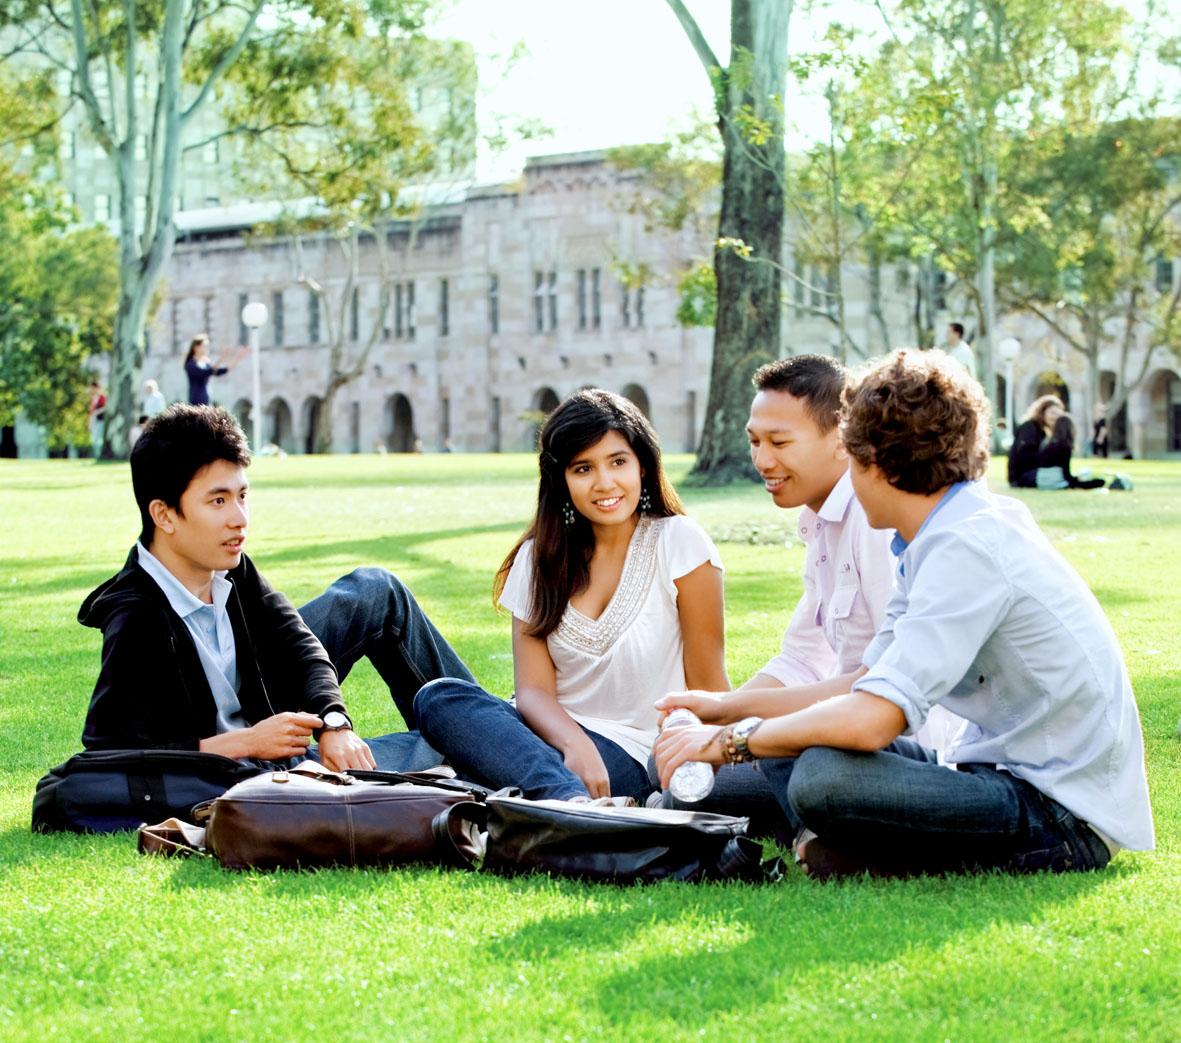 TOP 10 lý do đại đa số học sinh nước ta muốn du học (1)